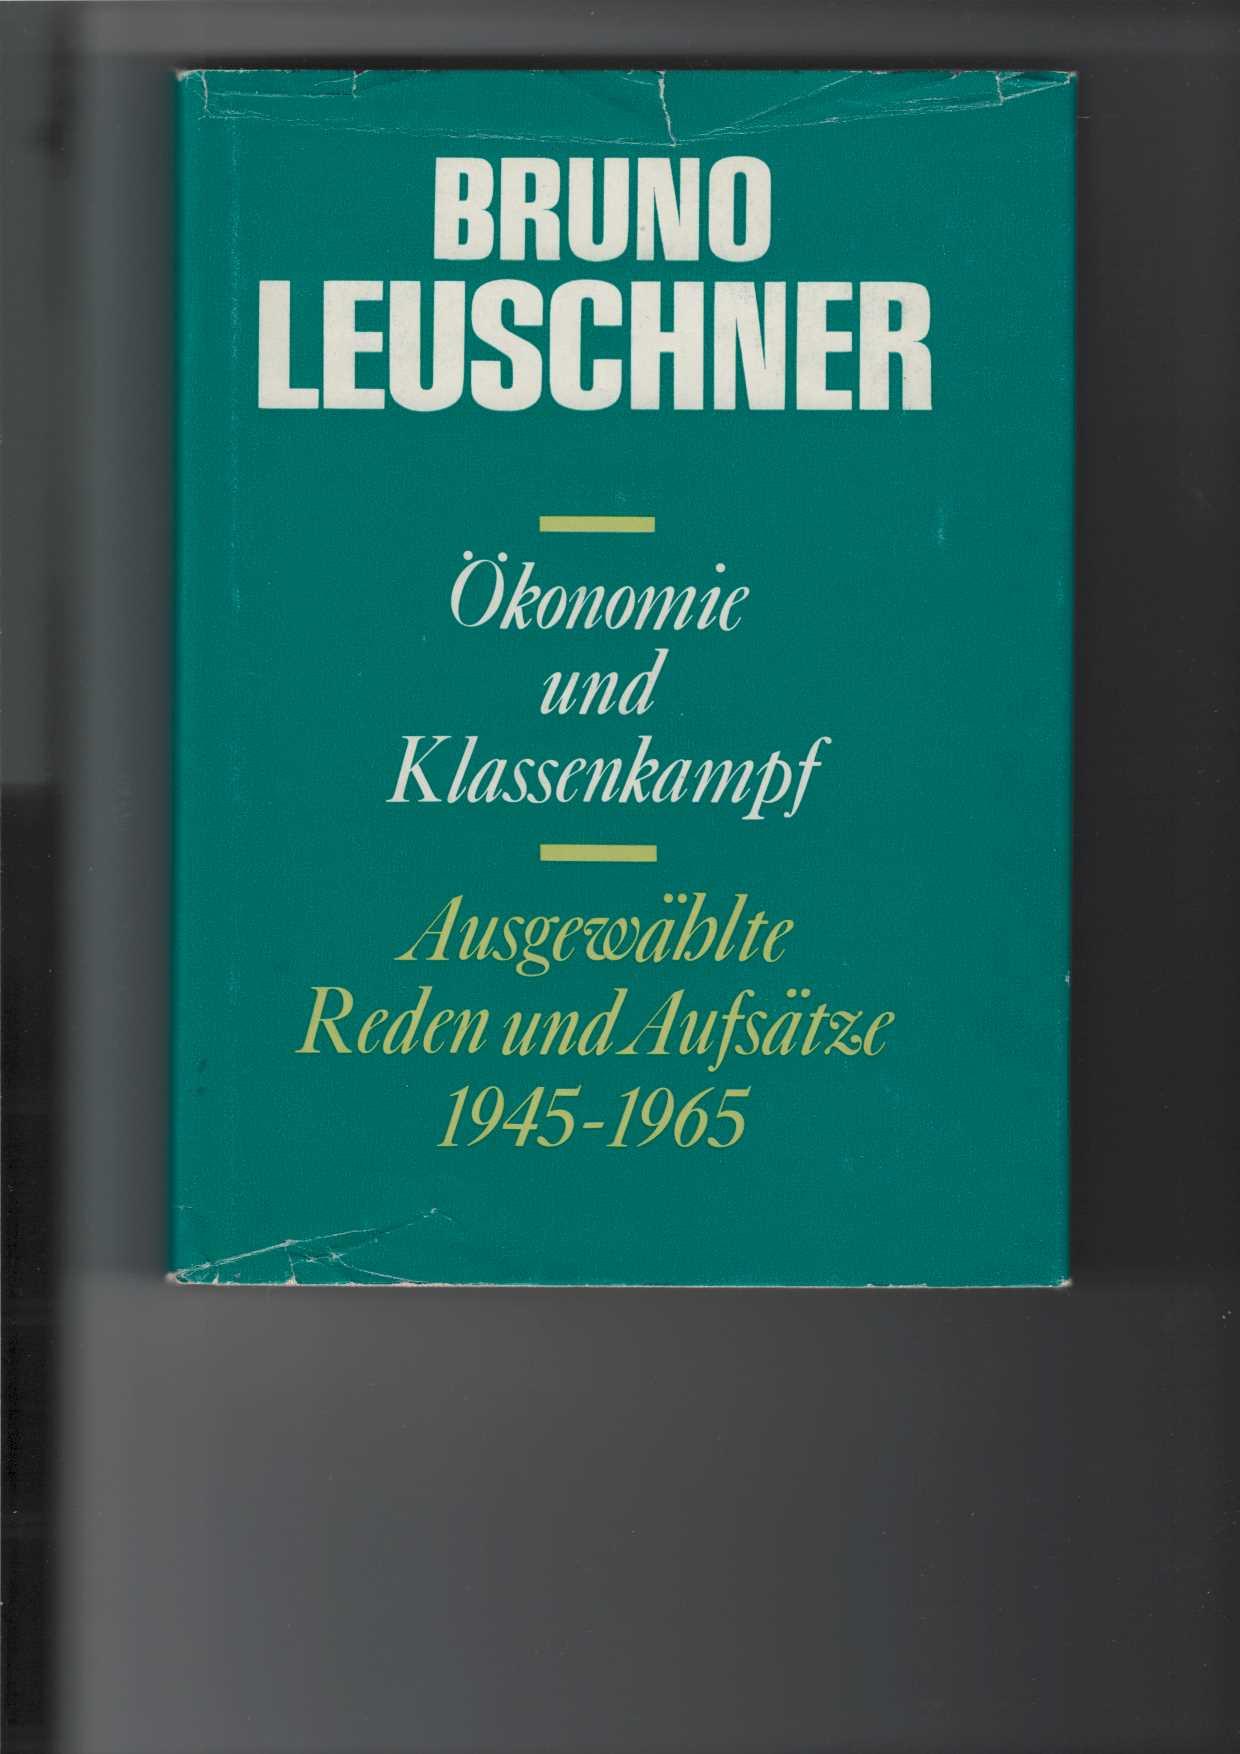 Leuschner, Bruno: Ökonomie und Klassenkampf. Ausgewählte Reden und Aufsätze 1945 - 1965. Institut für Marxismus-Leninismus beim ZK der SED. Mit 26 Abbildungen.